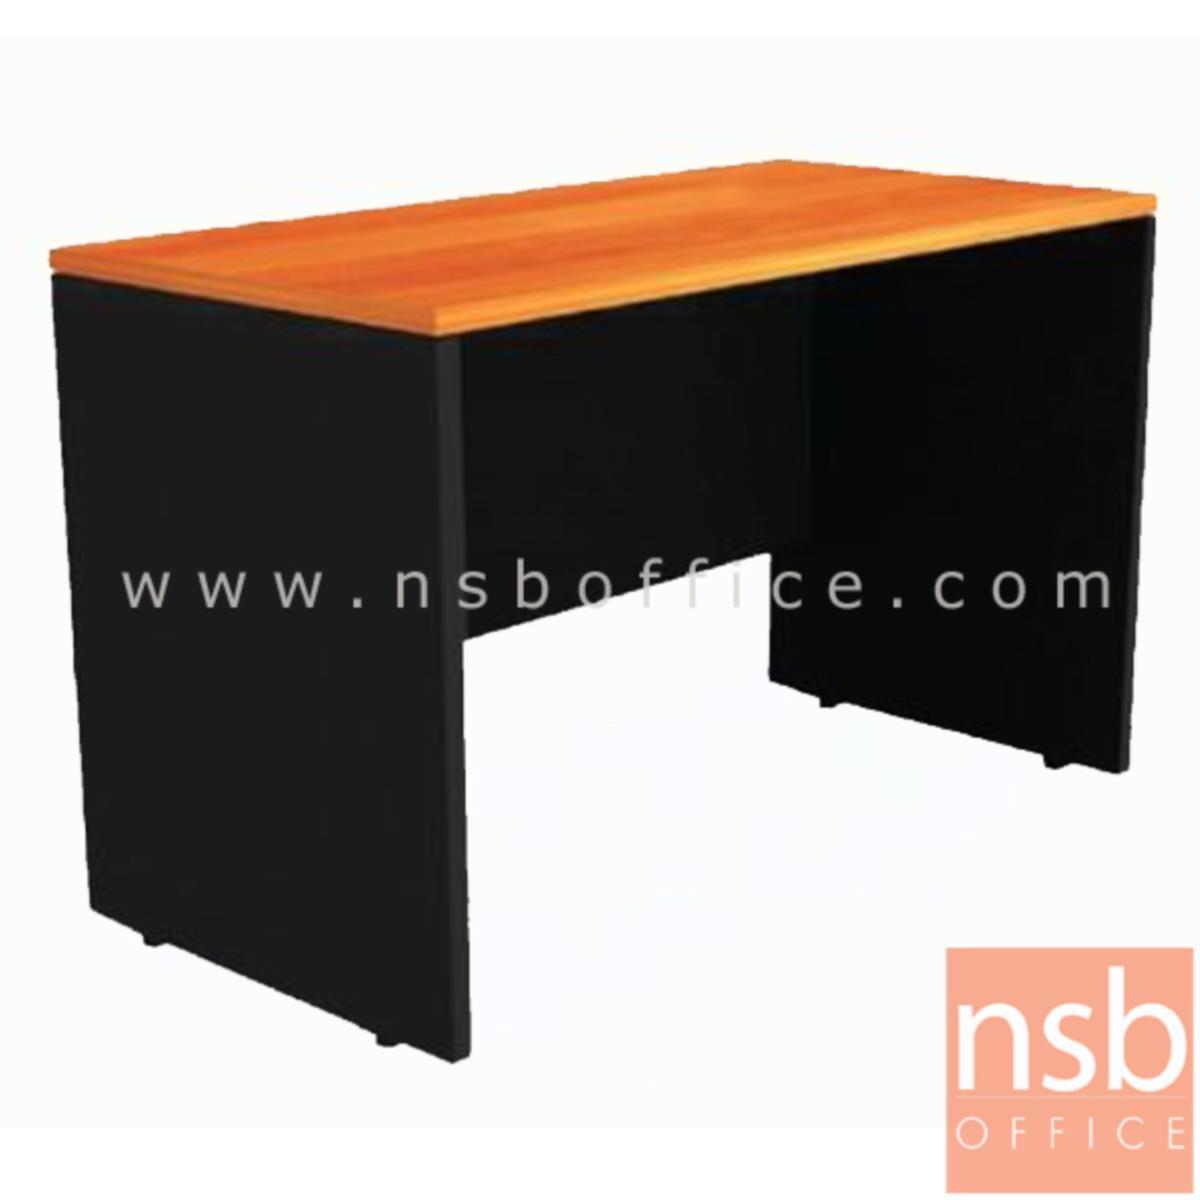 A12A052:โต๊ะทำงานโล่ง  รุ่น Mayweather ขนาด 150W cm. เมลามีน สีเชอร์รี่ดำ